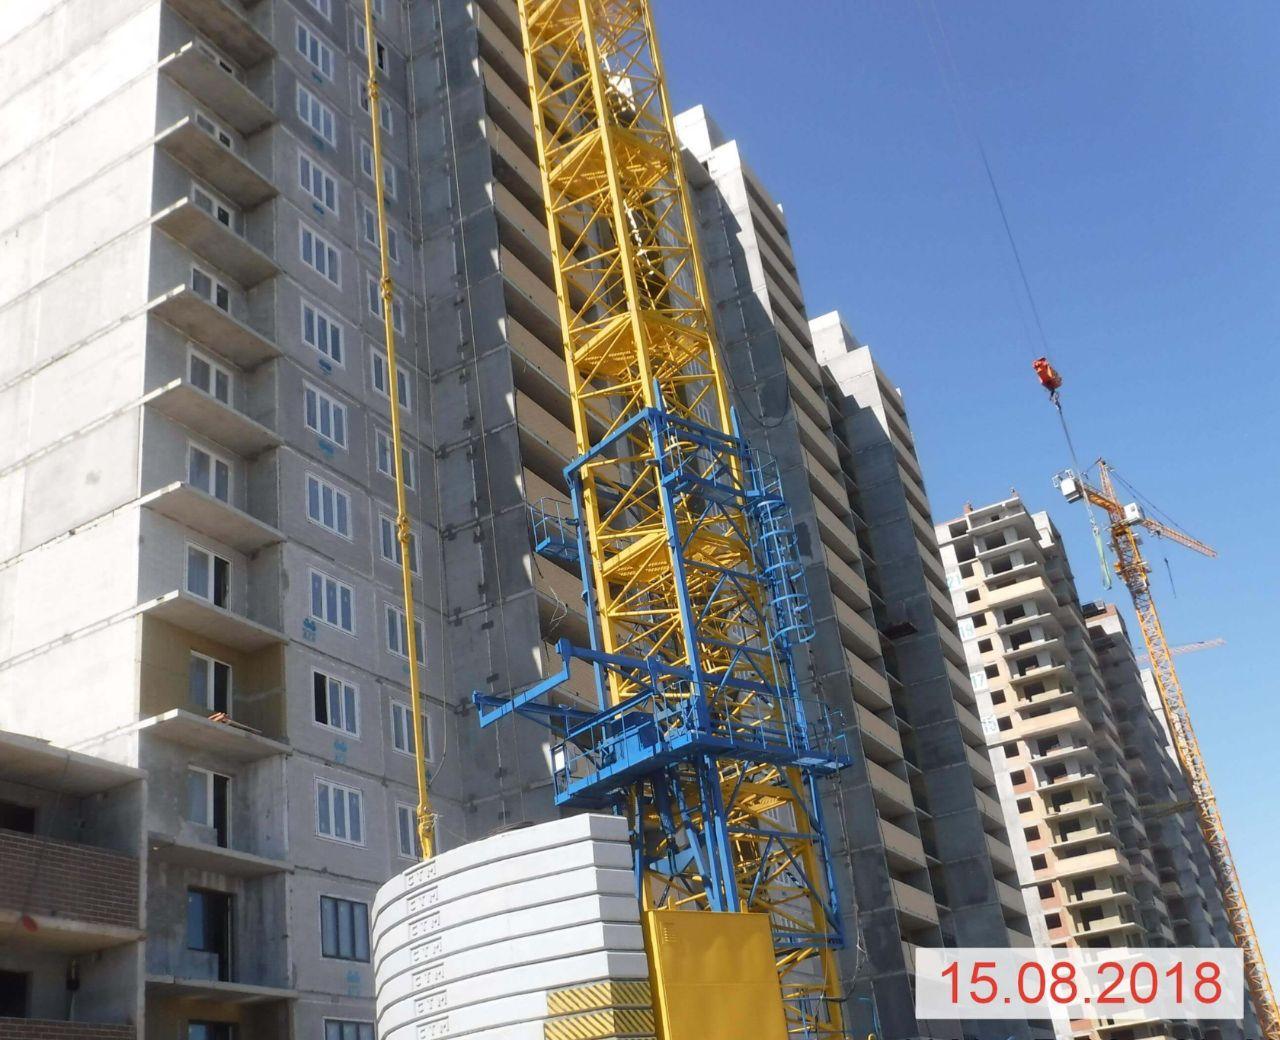 Мегаполис 21 век квартиры в новостройках коммерческая недвижимость снять в аренду офис Карьерная улица